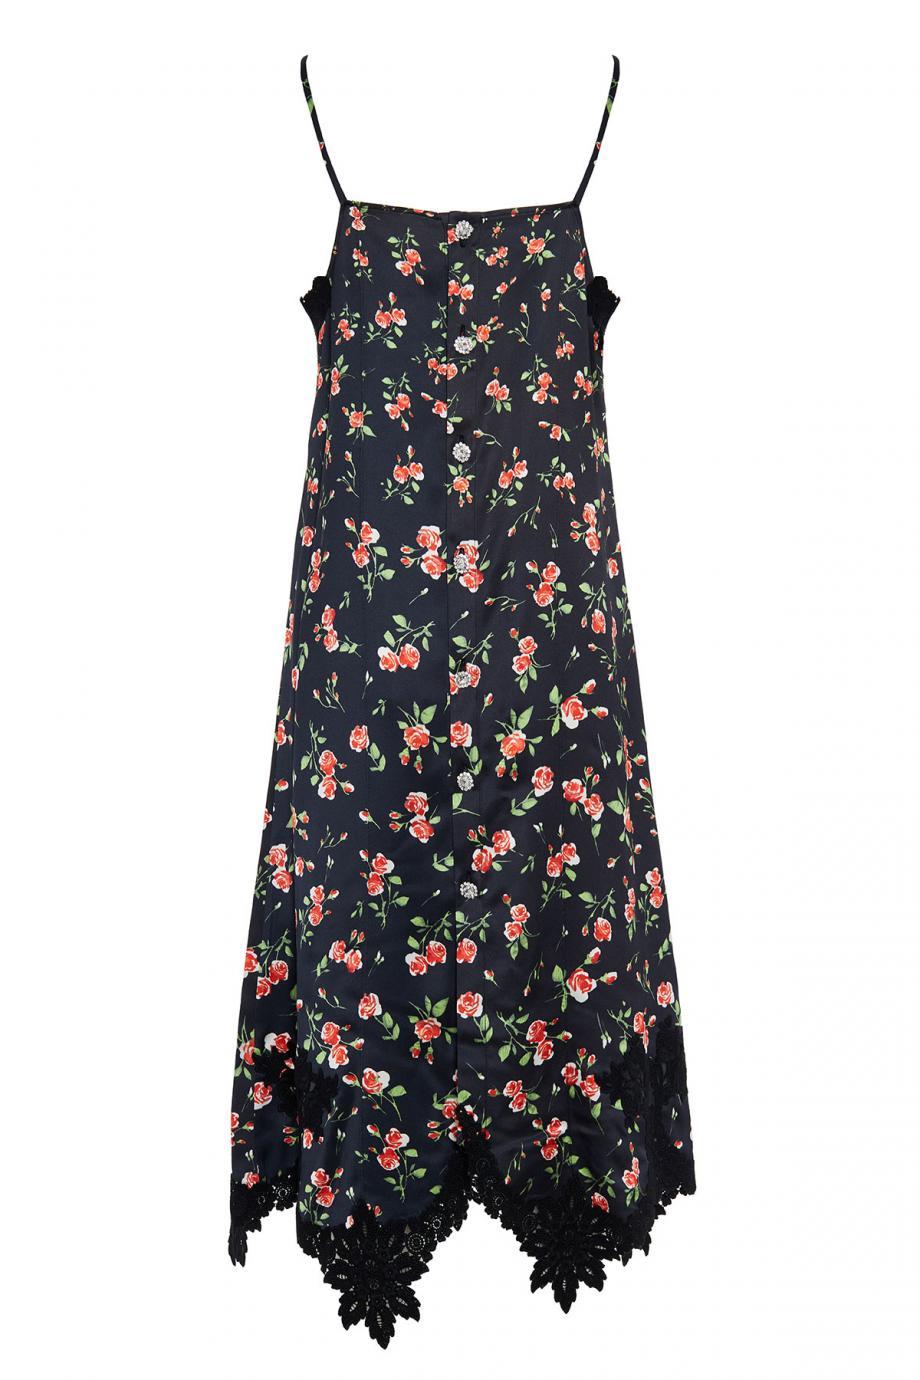 Lace-trimmed satin mini dress